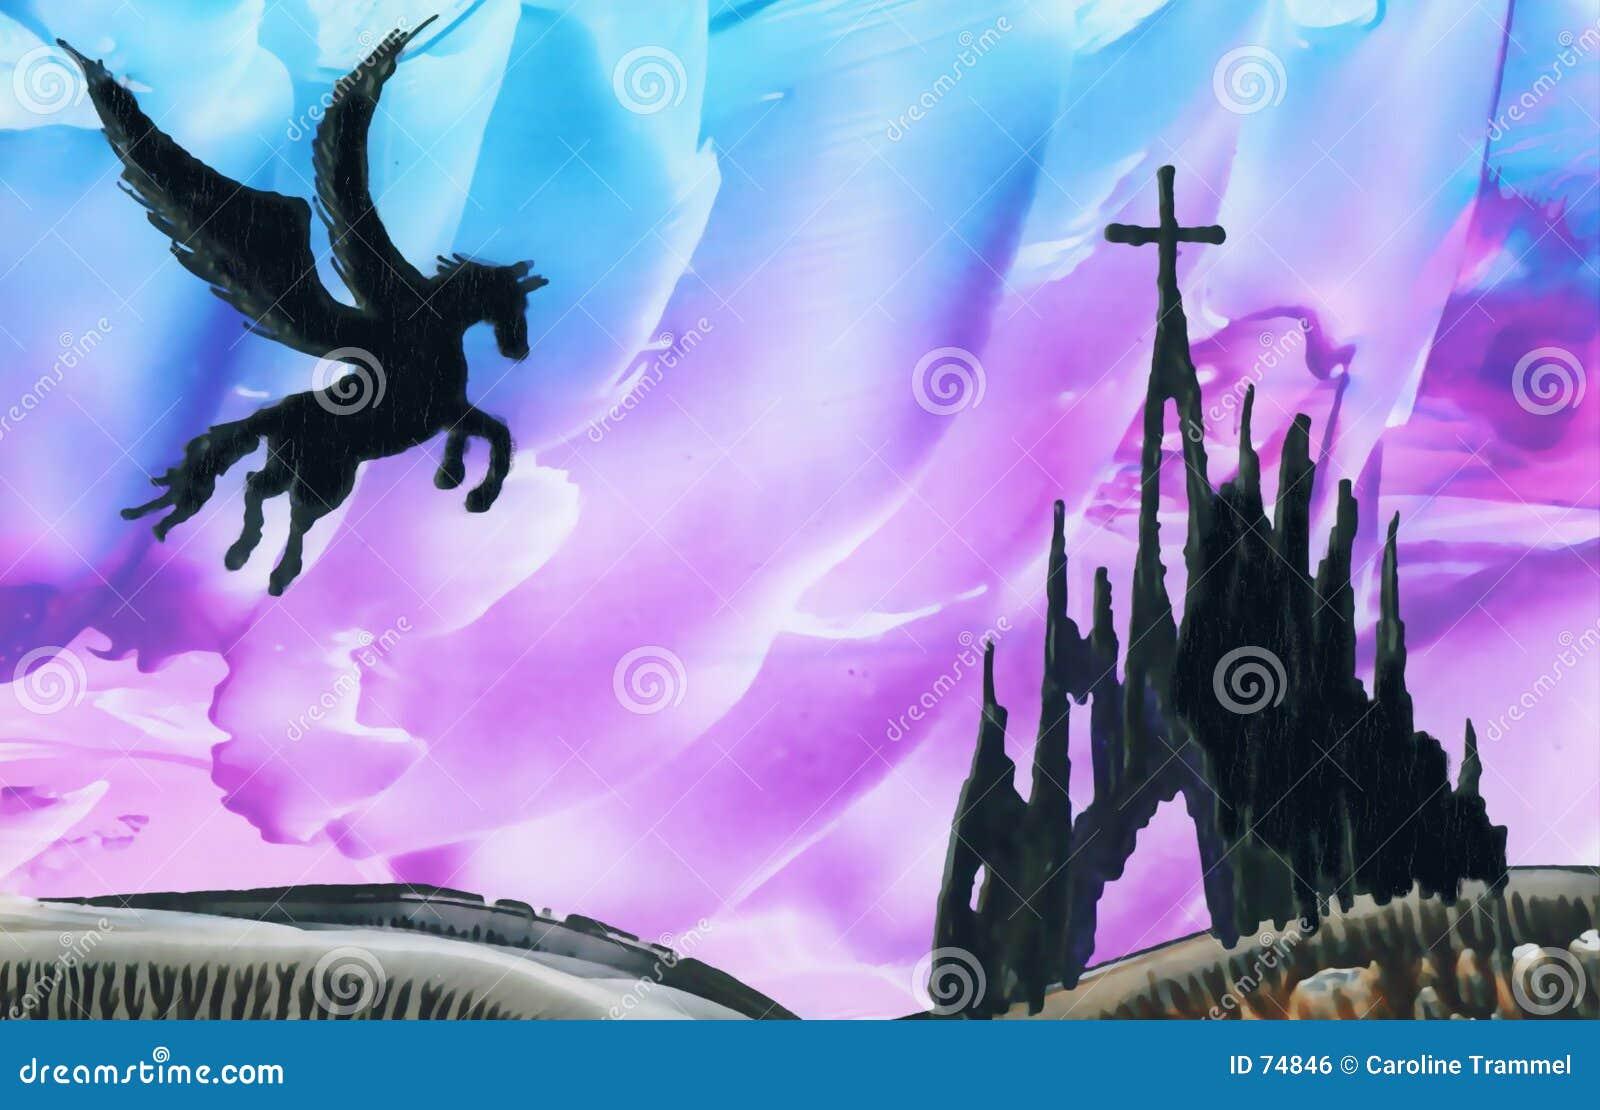 Pegasus boven ruïnes